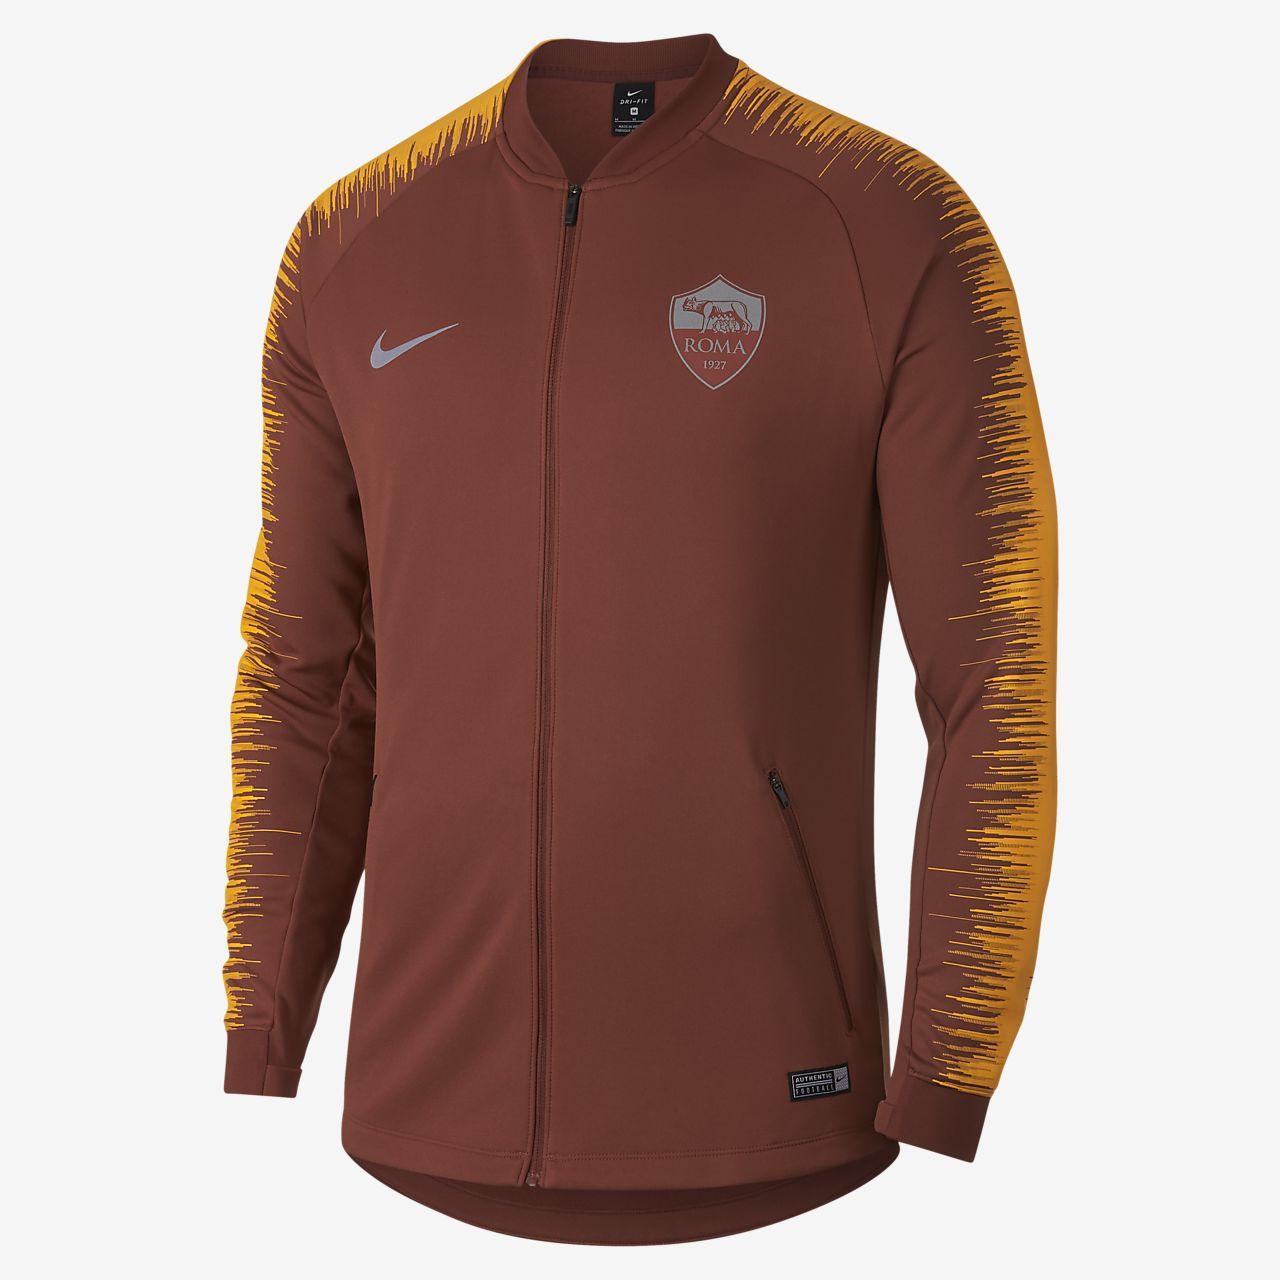 905d9aeafd187 Veste de football A.S. Roma Anthem pour Homme. Nike.com FR